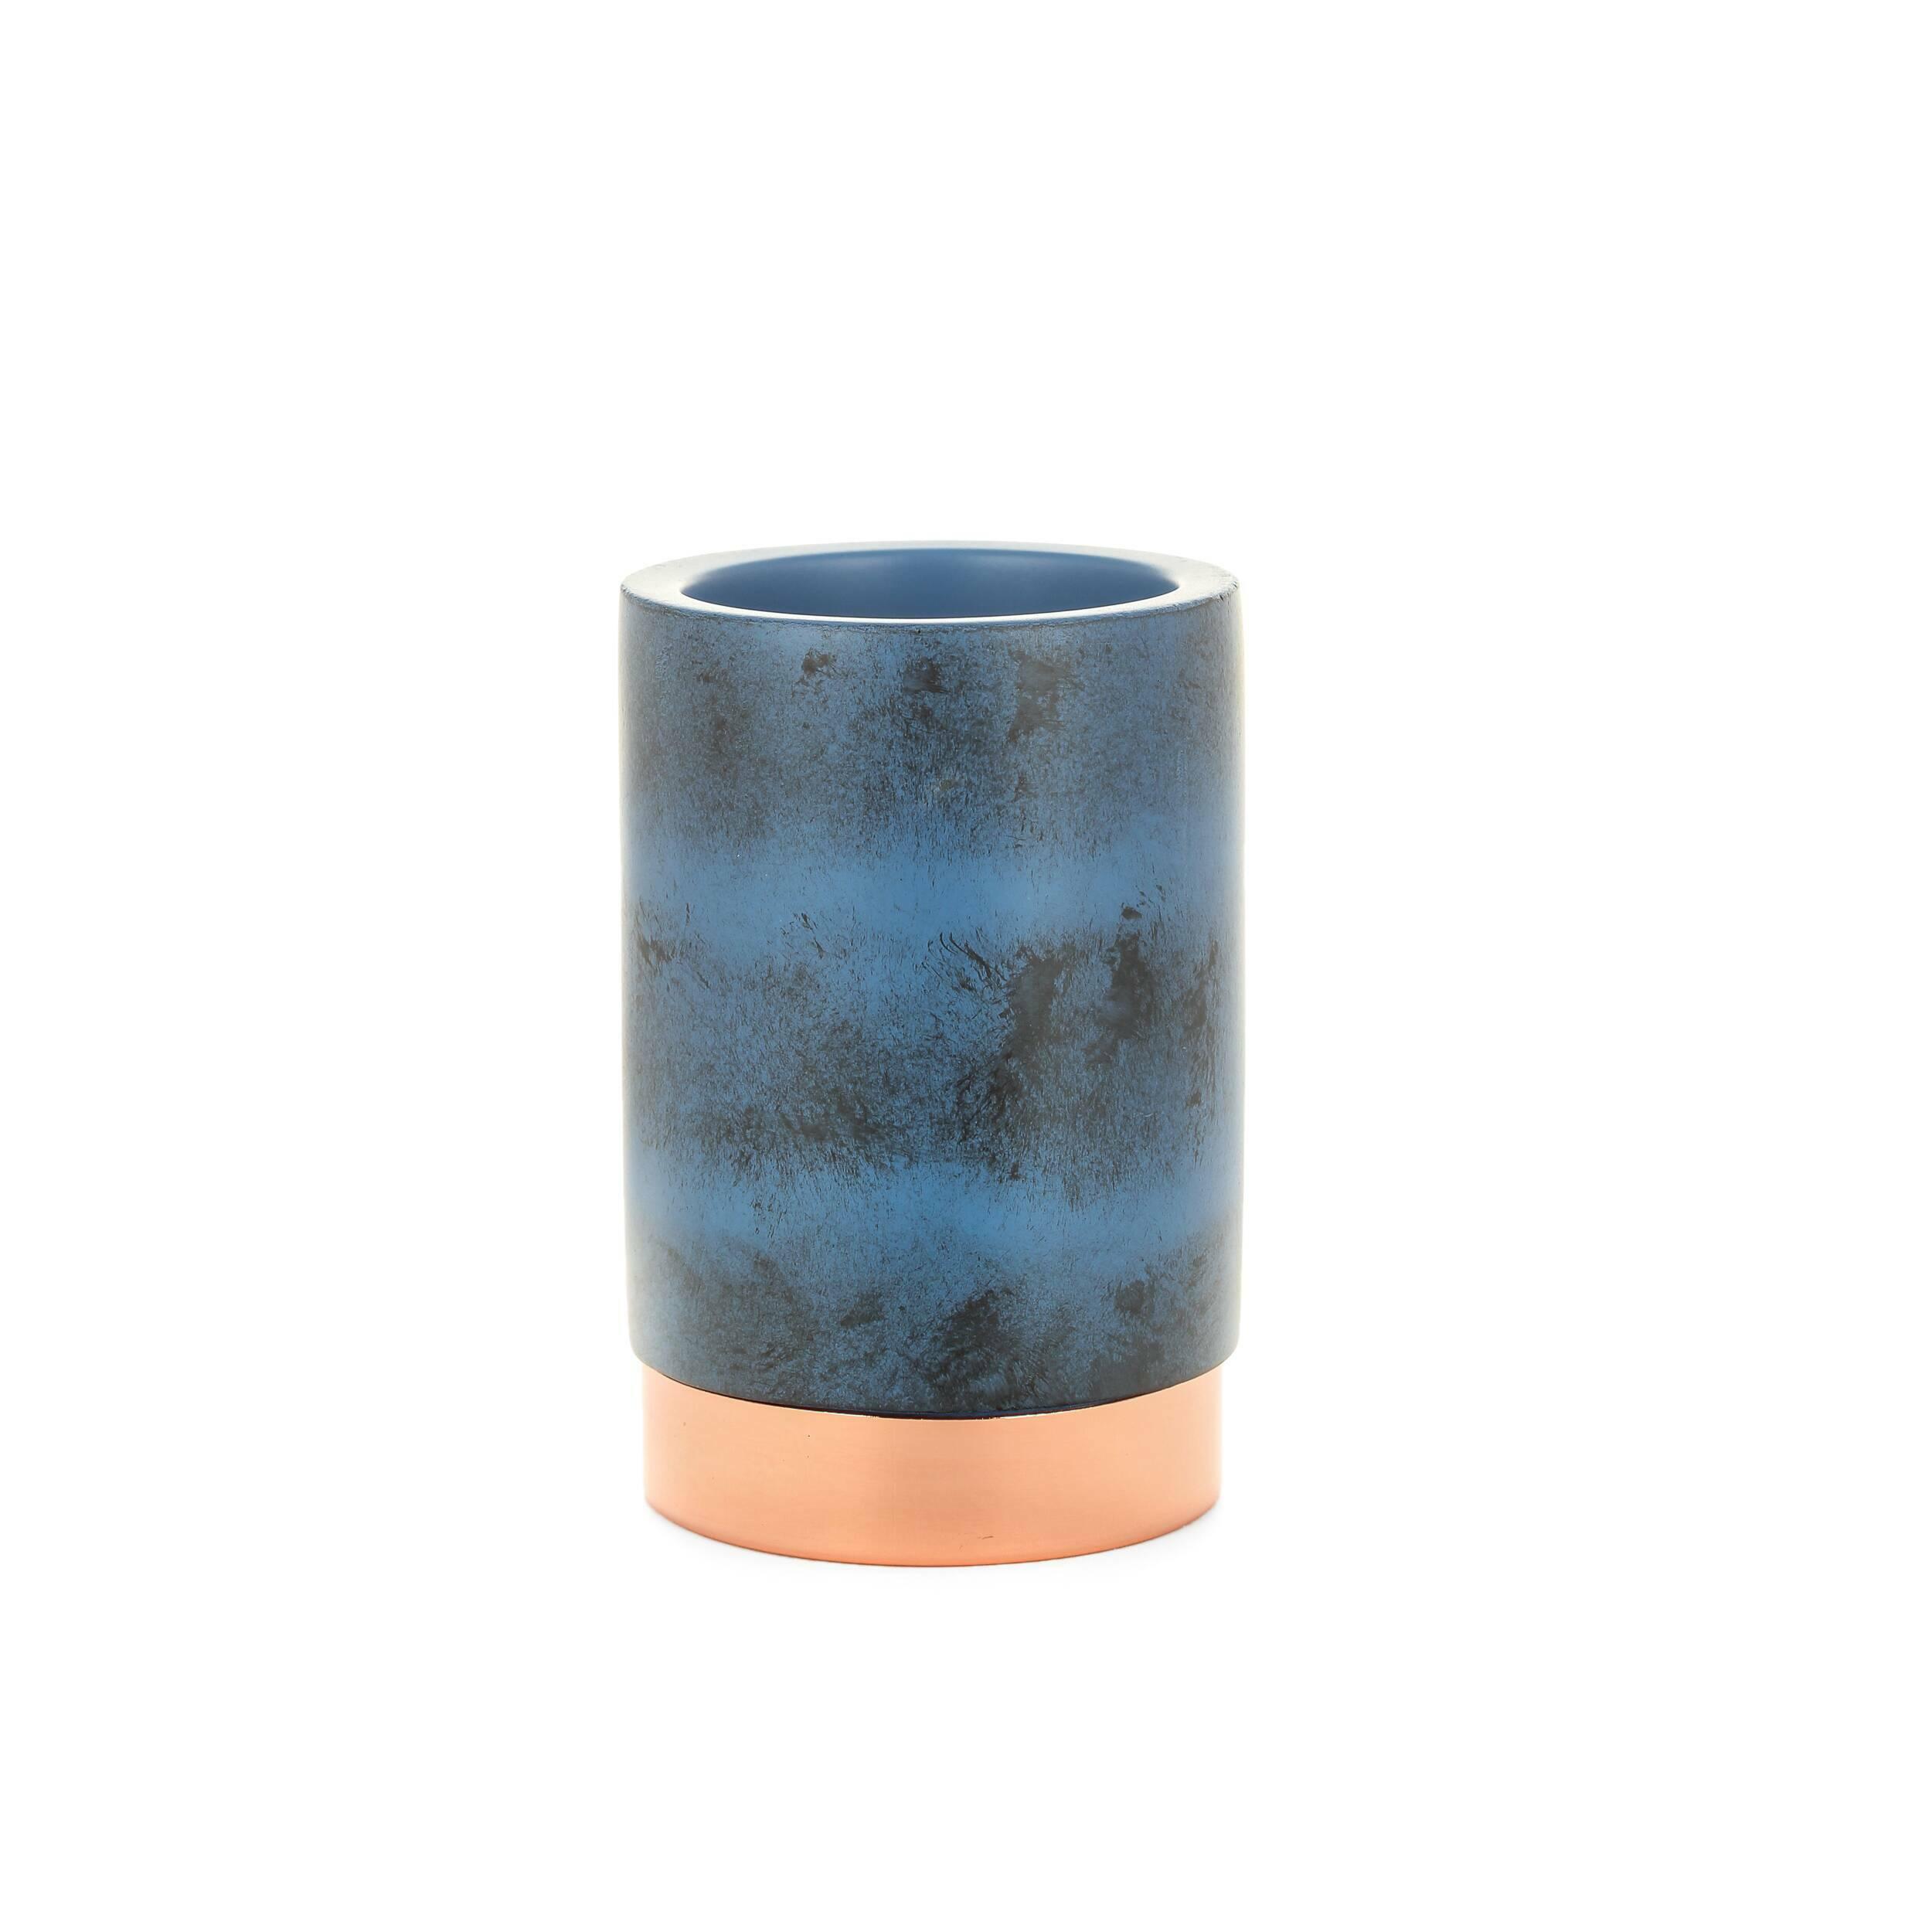 Стакан NankingРазное<br>Коллекция Nanking включает в себя разнообразные предметы для домашнего быта, от стаканов и подносов до подставок для ершика и корзины для мусора. Все эти изделия объединены единым стилем и цветовой гаммой. Дизайн моделей очень прост и свеж. Особенно привлекательно и интересно выглядит поверхность изделий, на которую дизайнеры нанесли стильные штрихи потертостей и пятен.<br><br><br> Для создания коллекции Nanking проектировщики выбрали смолу – это довольно прочный материал, обладающий хорошей дек...<br><br>stock: 96<br>Высота: 10<br>Материал: Смола<br>Цвет: Синий<br>Диаметр: 7<br>Цвет дополнительный: Латунь